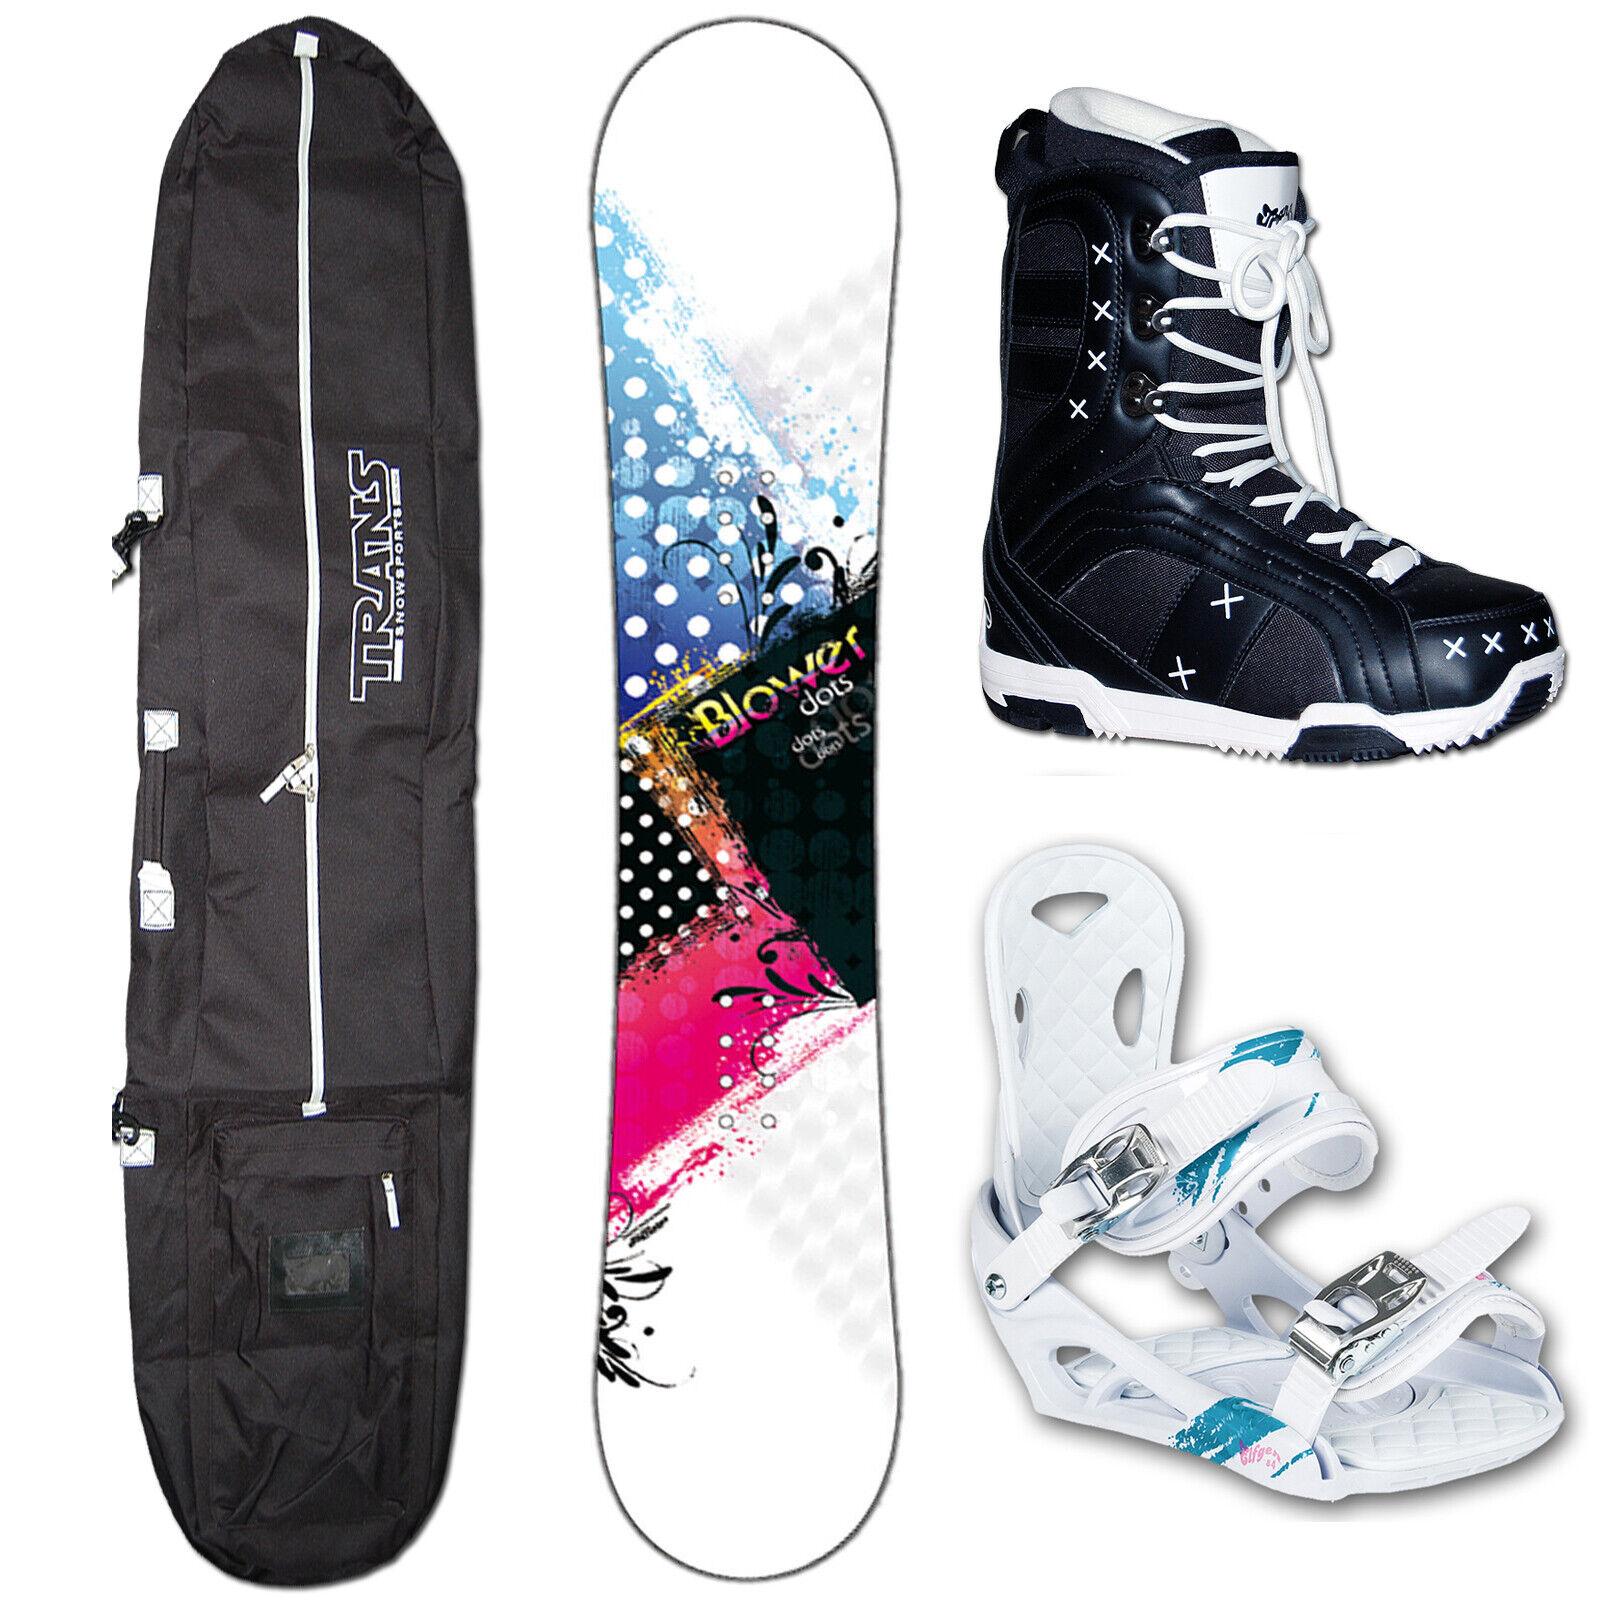 Snowboard Blower Dots 156cm blanco + Elfgen Eco Fijación M + Bag + botas